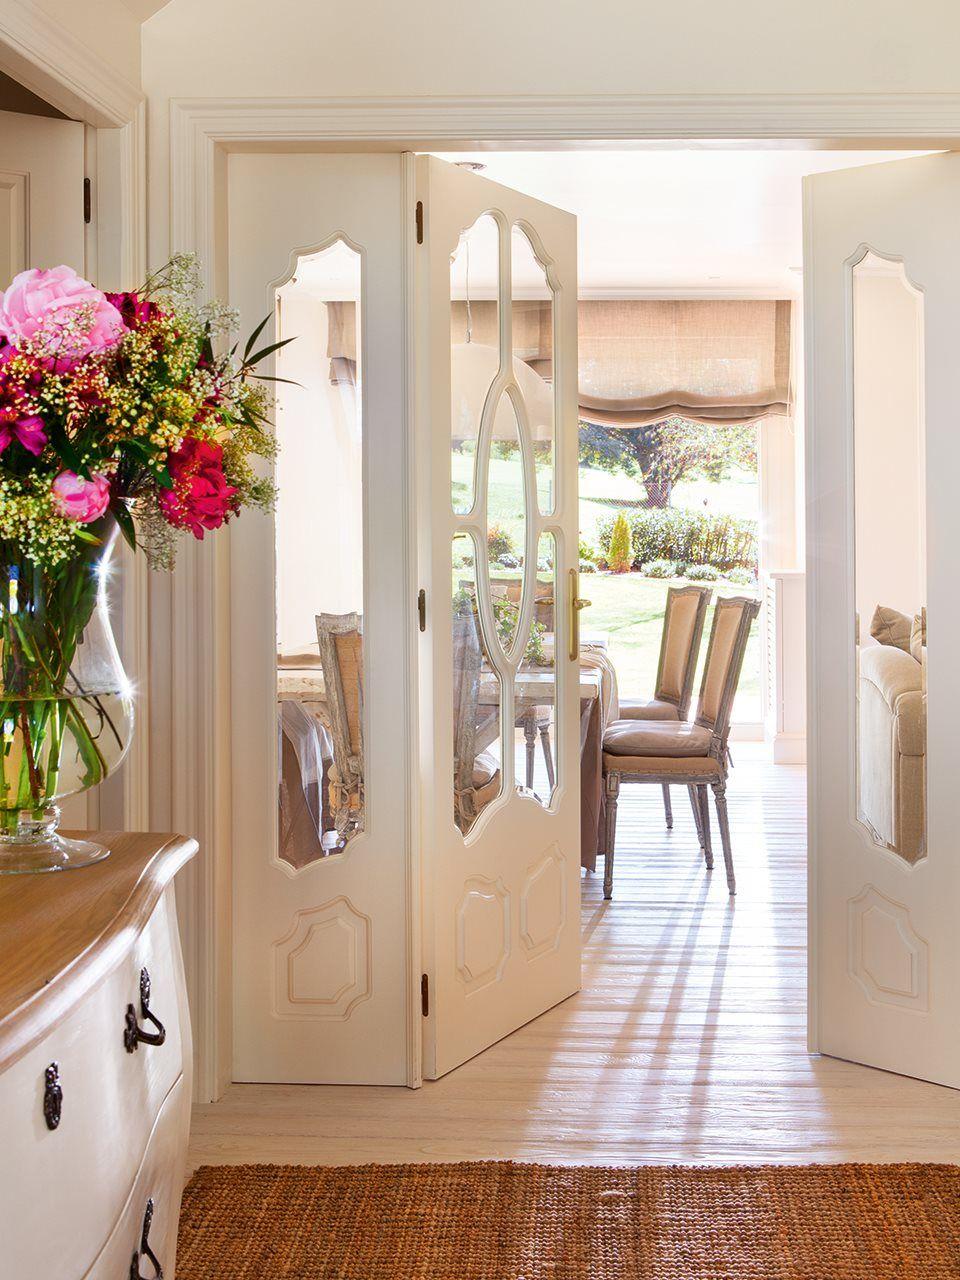 Recibidor en blanco con cristalera doble entrada recibidor pinterest recibidor casas y - Limpia cristales casero ...